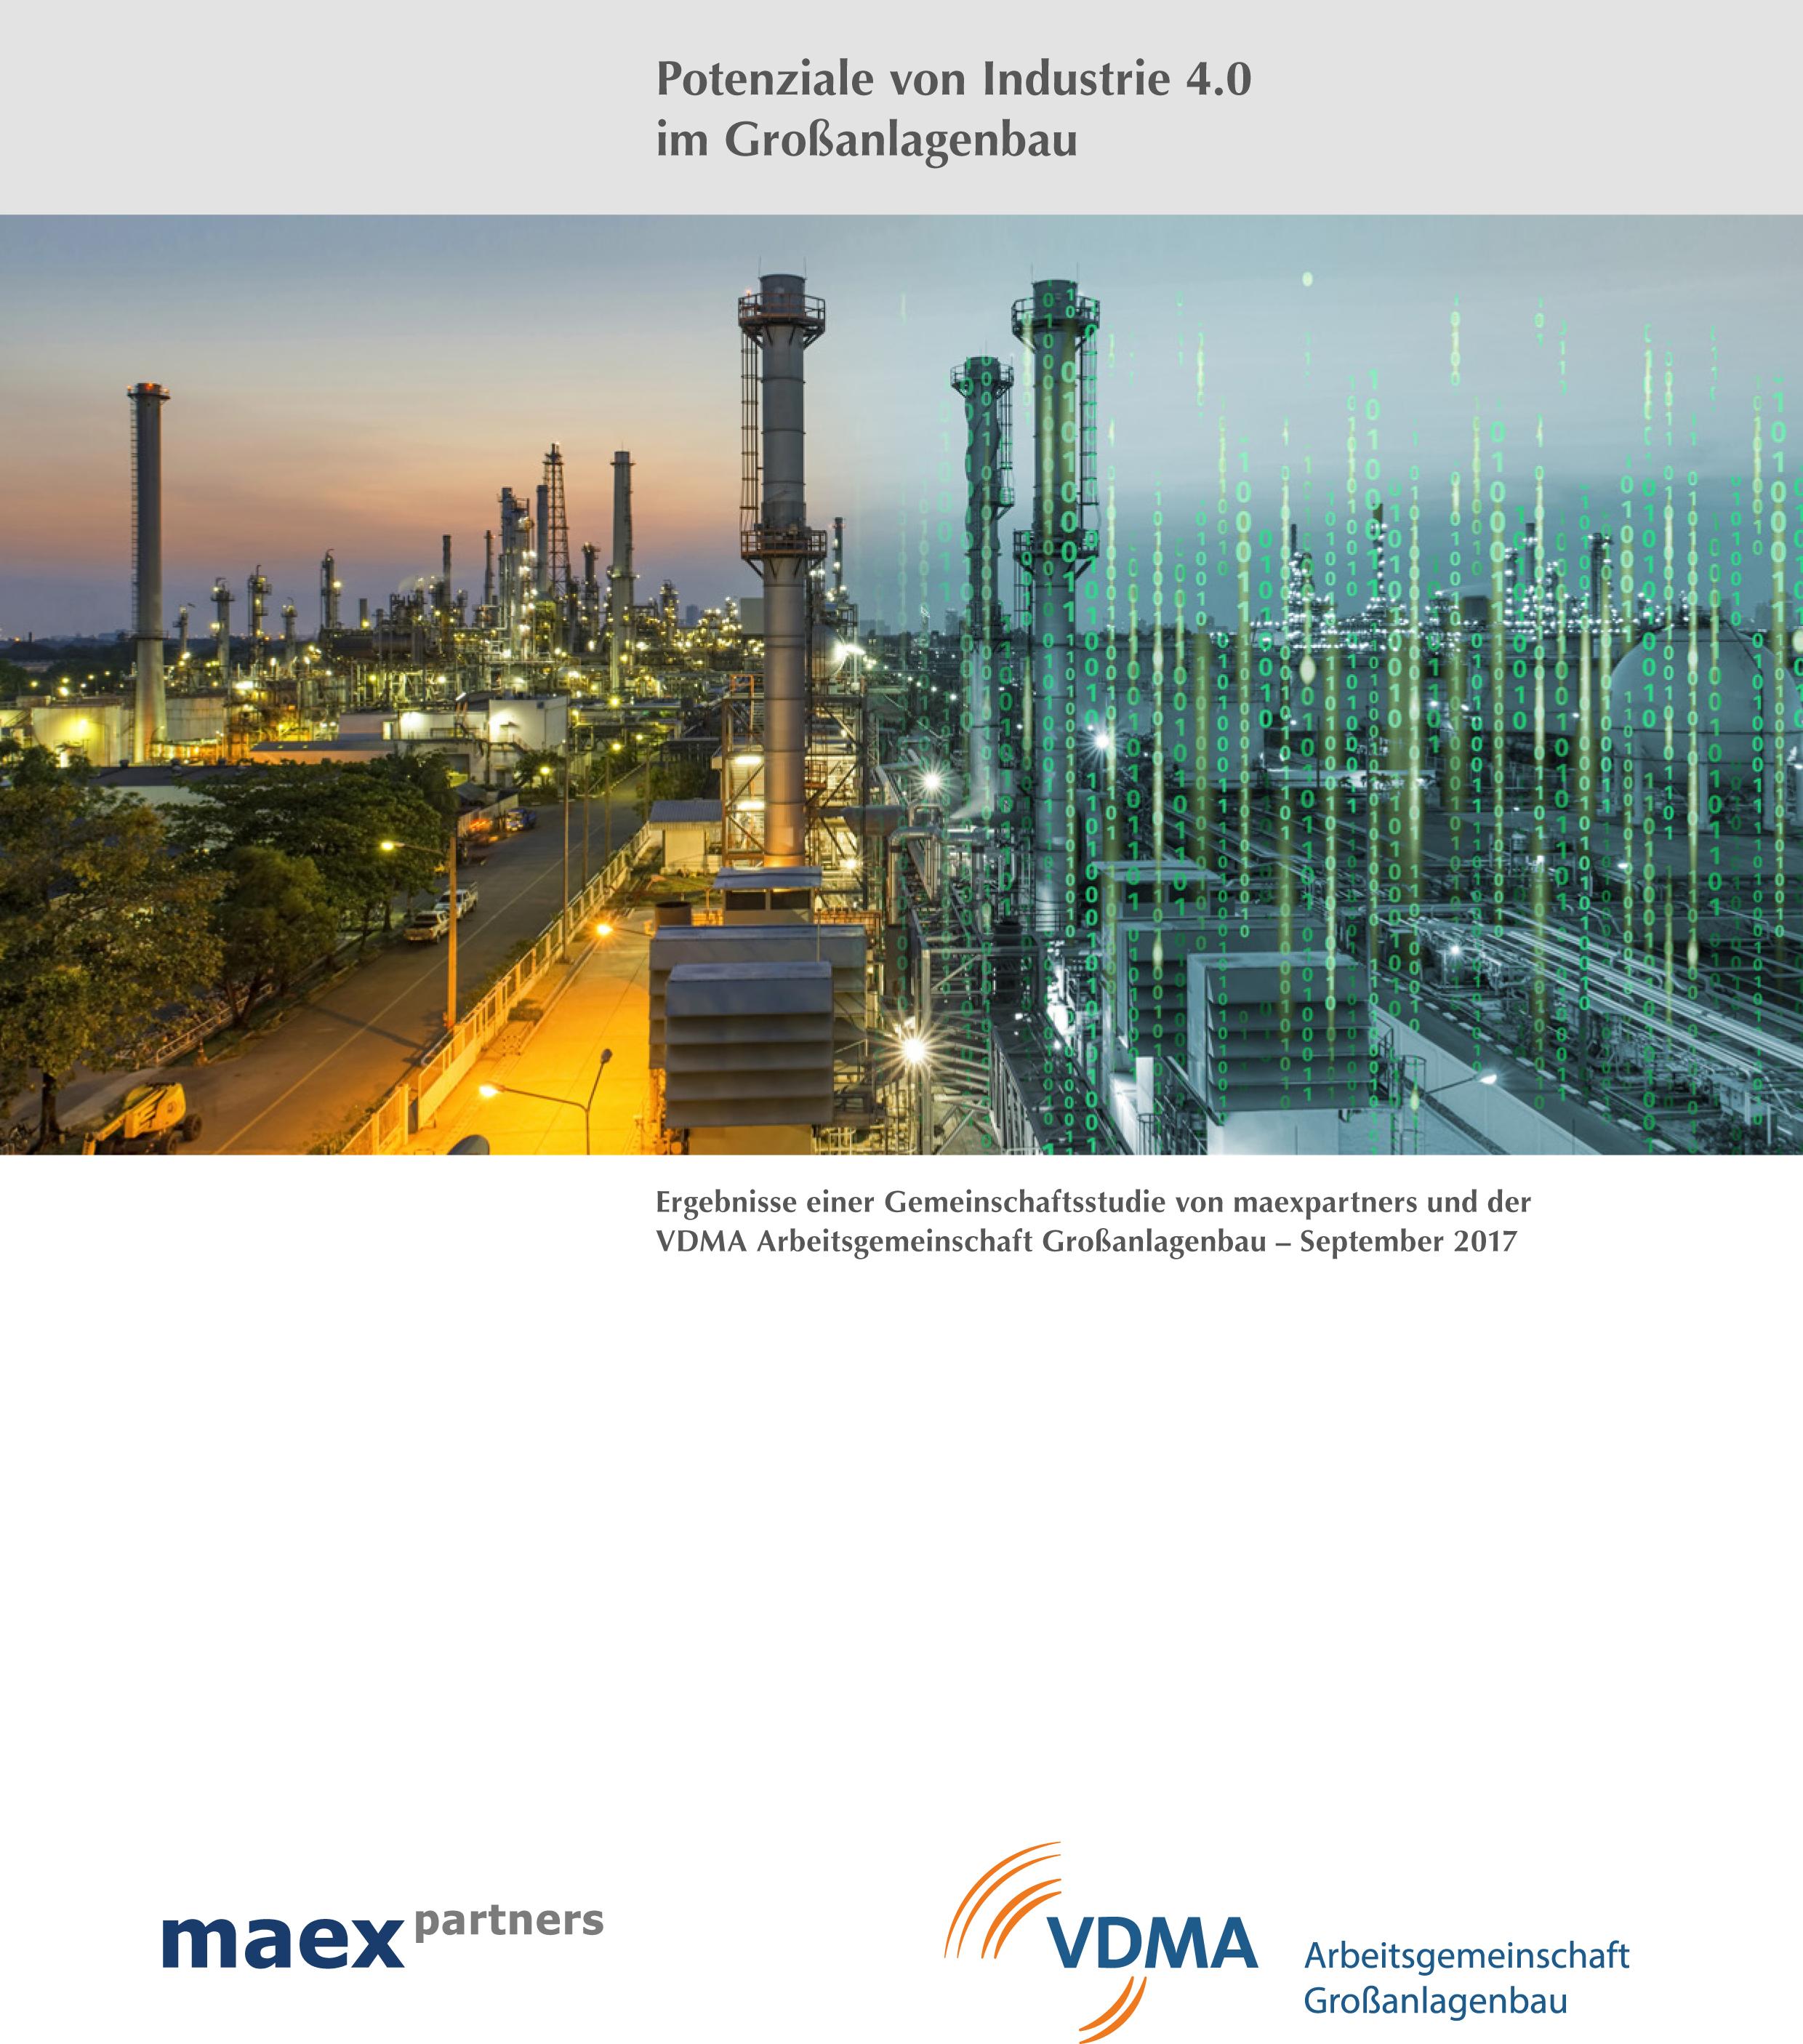 Großanlagenbau nutzt Potenziale von Industrie 4.0